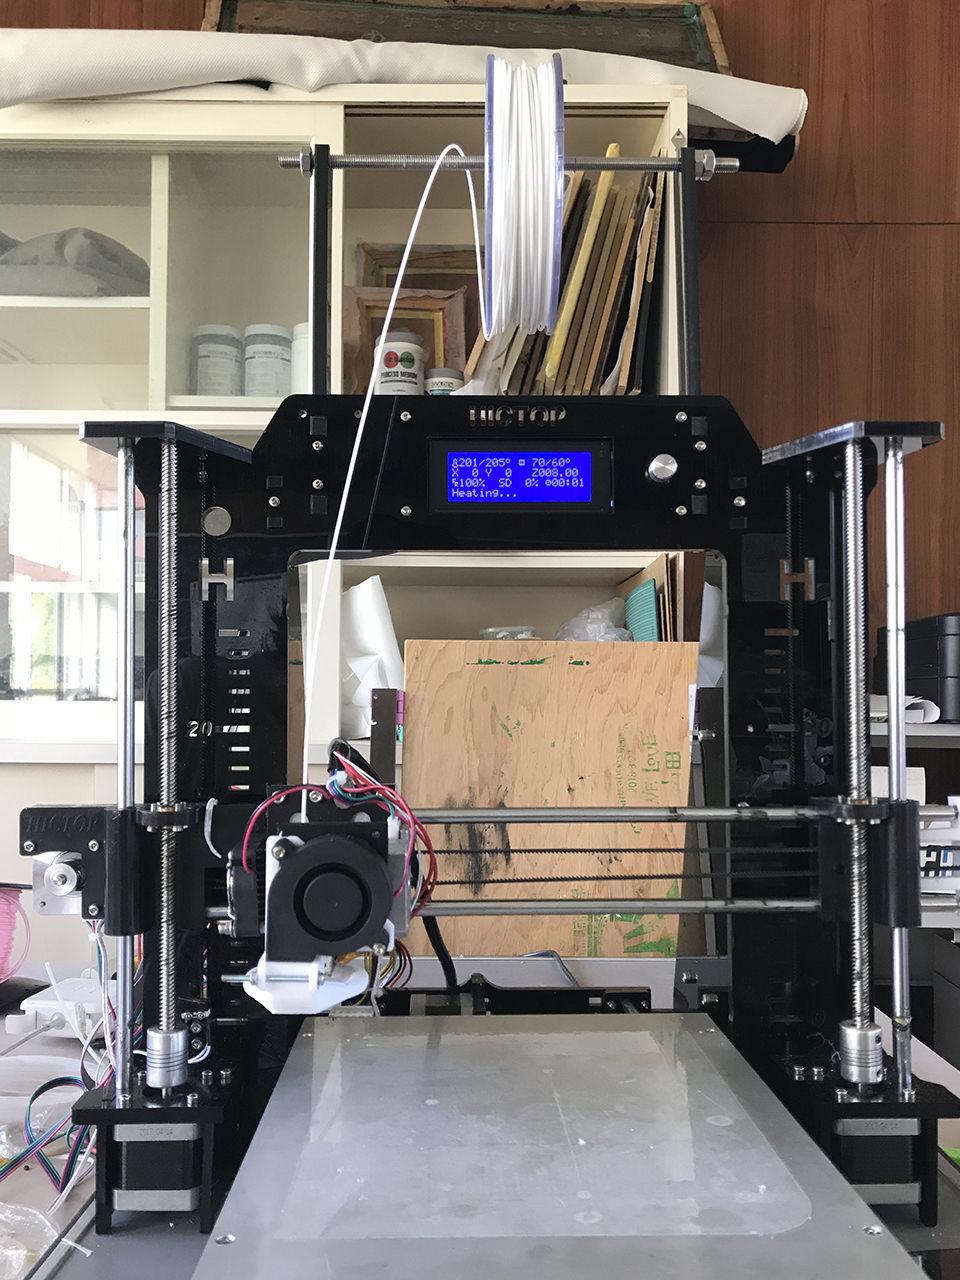 3Dプリンタ HICTOP / 3DP-08でフィラメント「LFY3M」を使う